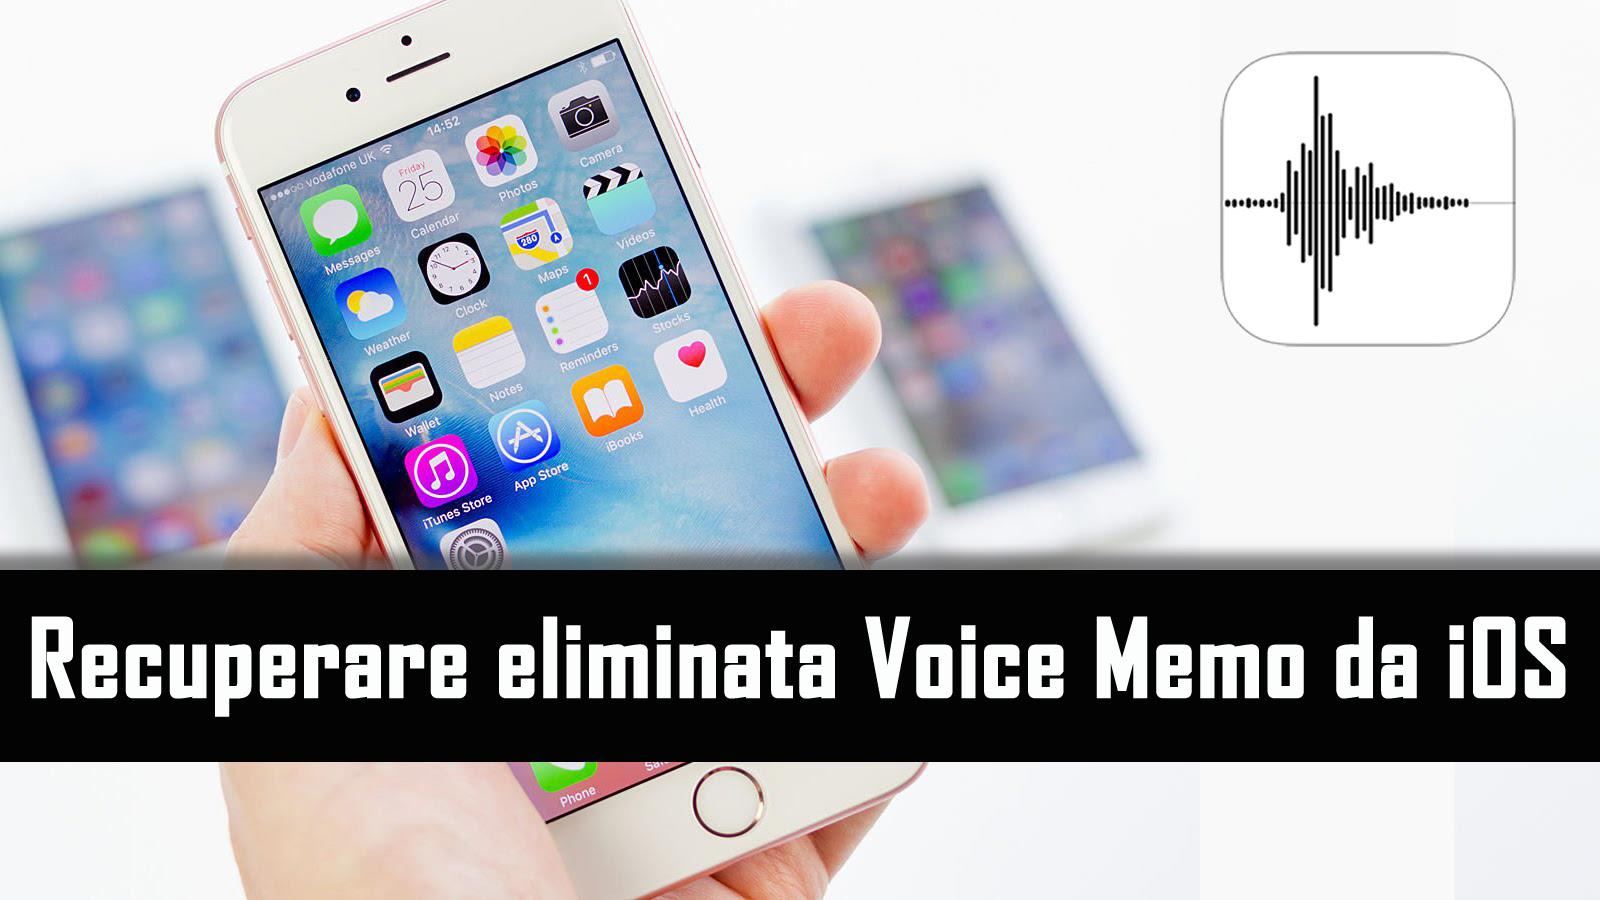 Come Recuperare I Memo Vocali Cancellati Da Iphone Ipad O